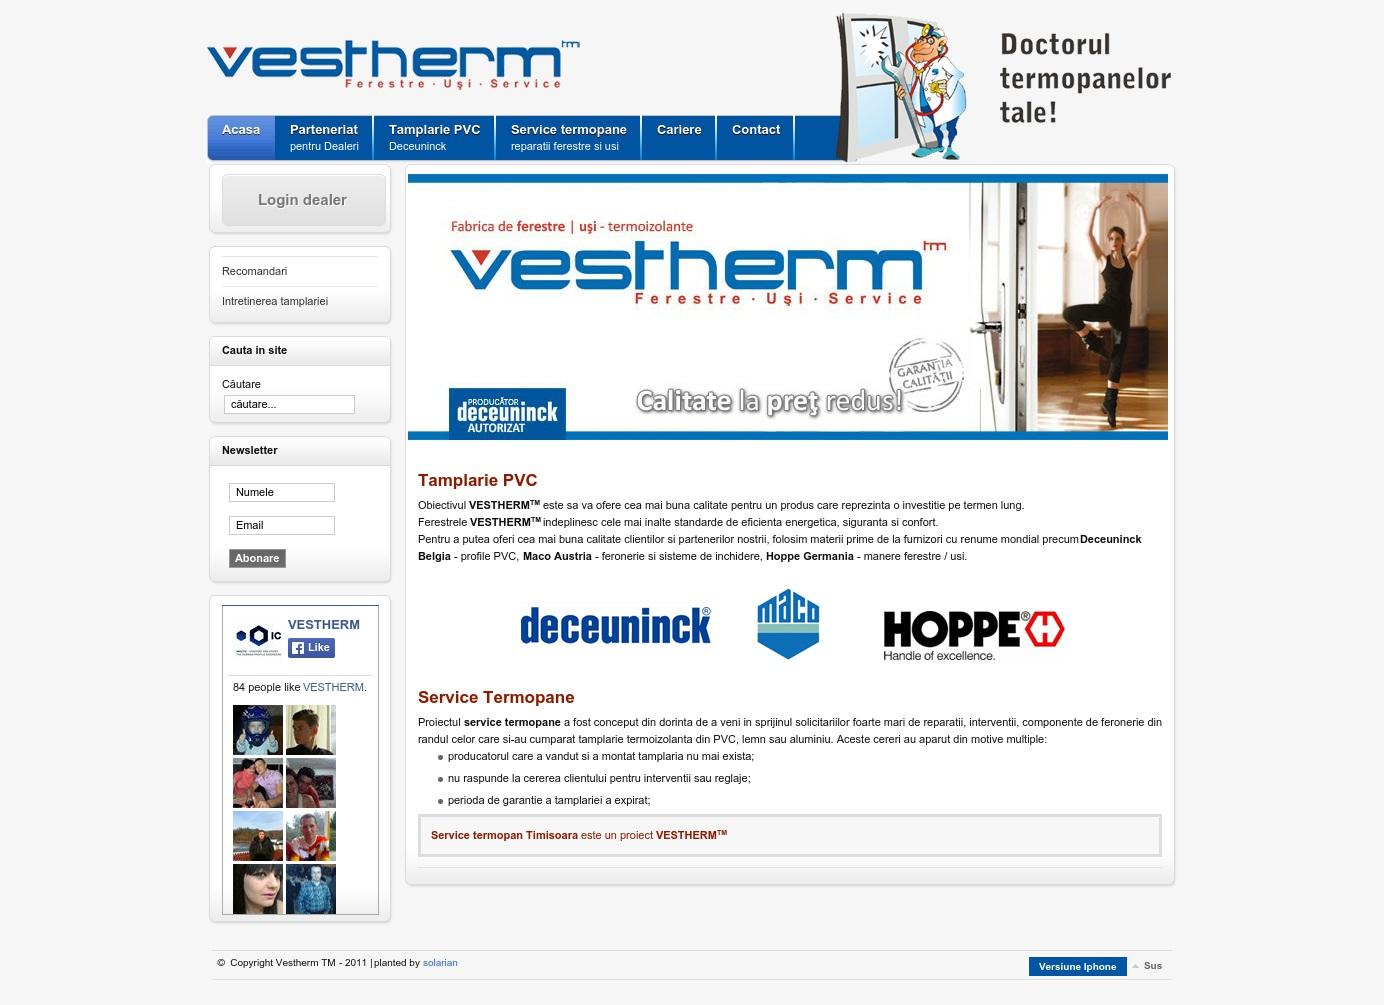 Vestherm